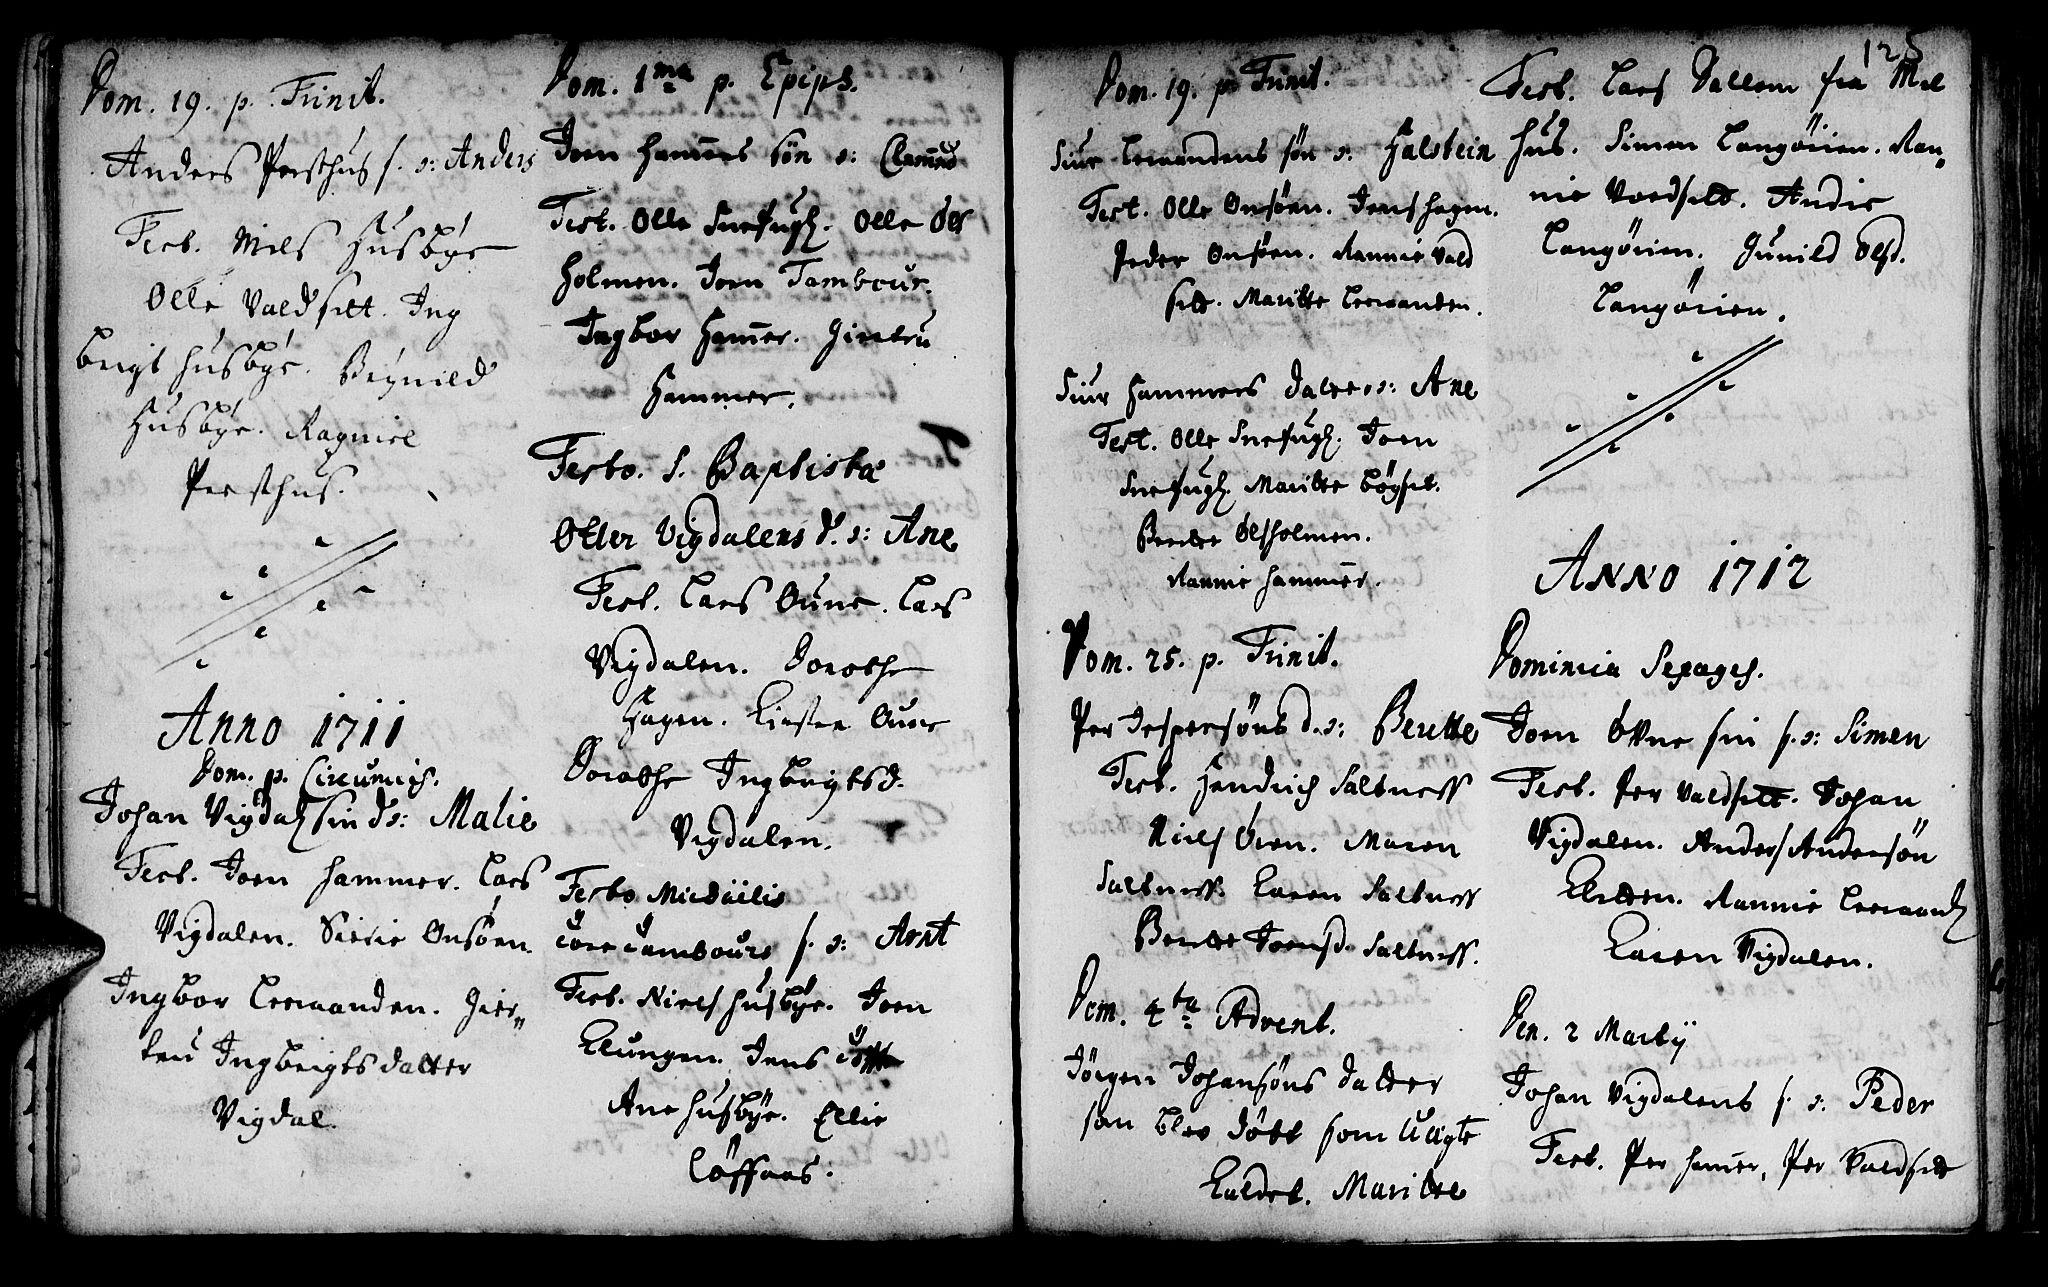 SAT, Ministerialprotokoller, klokkerbøker og fødselsregistre - Sør-Trøndelag, 666/L0783: Ministerialbok nr. 666A01, 1702-1753, s. 125